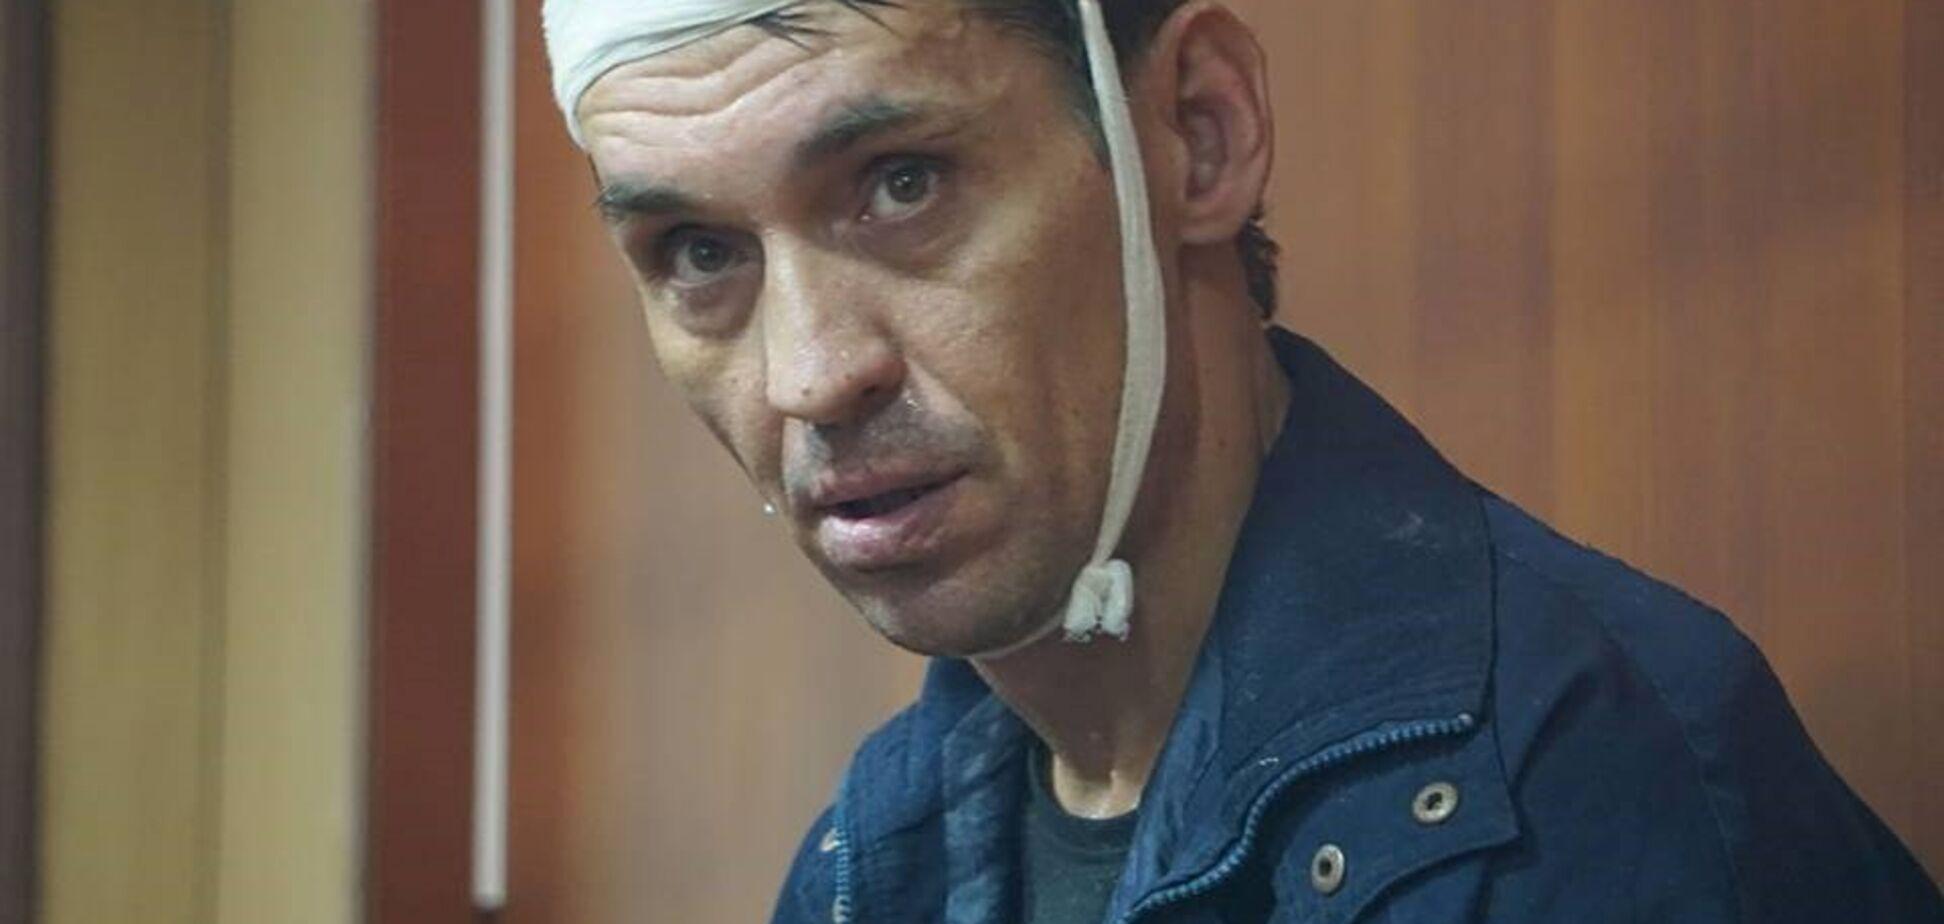 'Мне нужно в тюрьму': появились новые детали о захвате заложников в Харькове